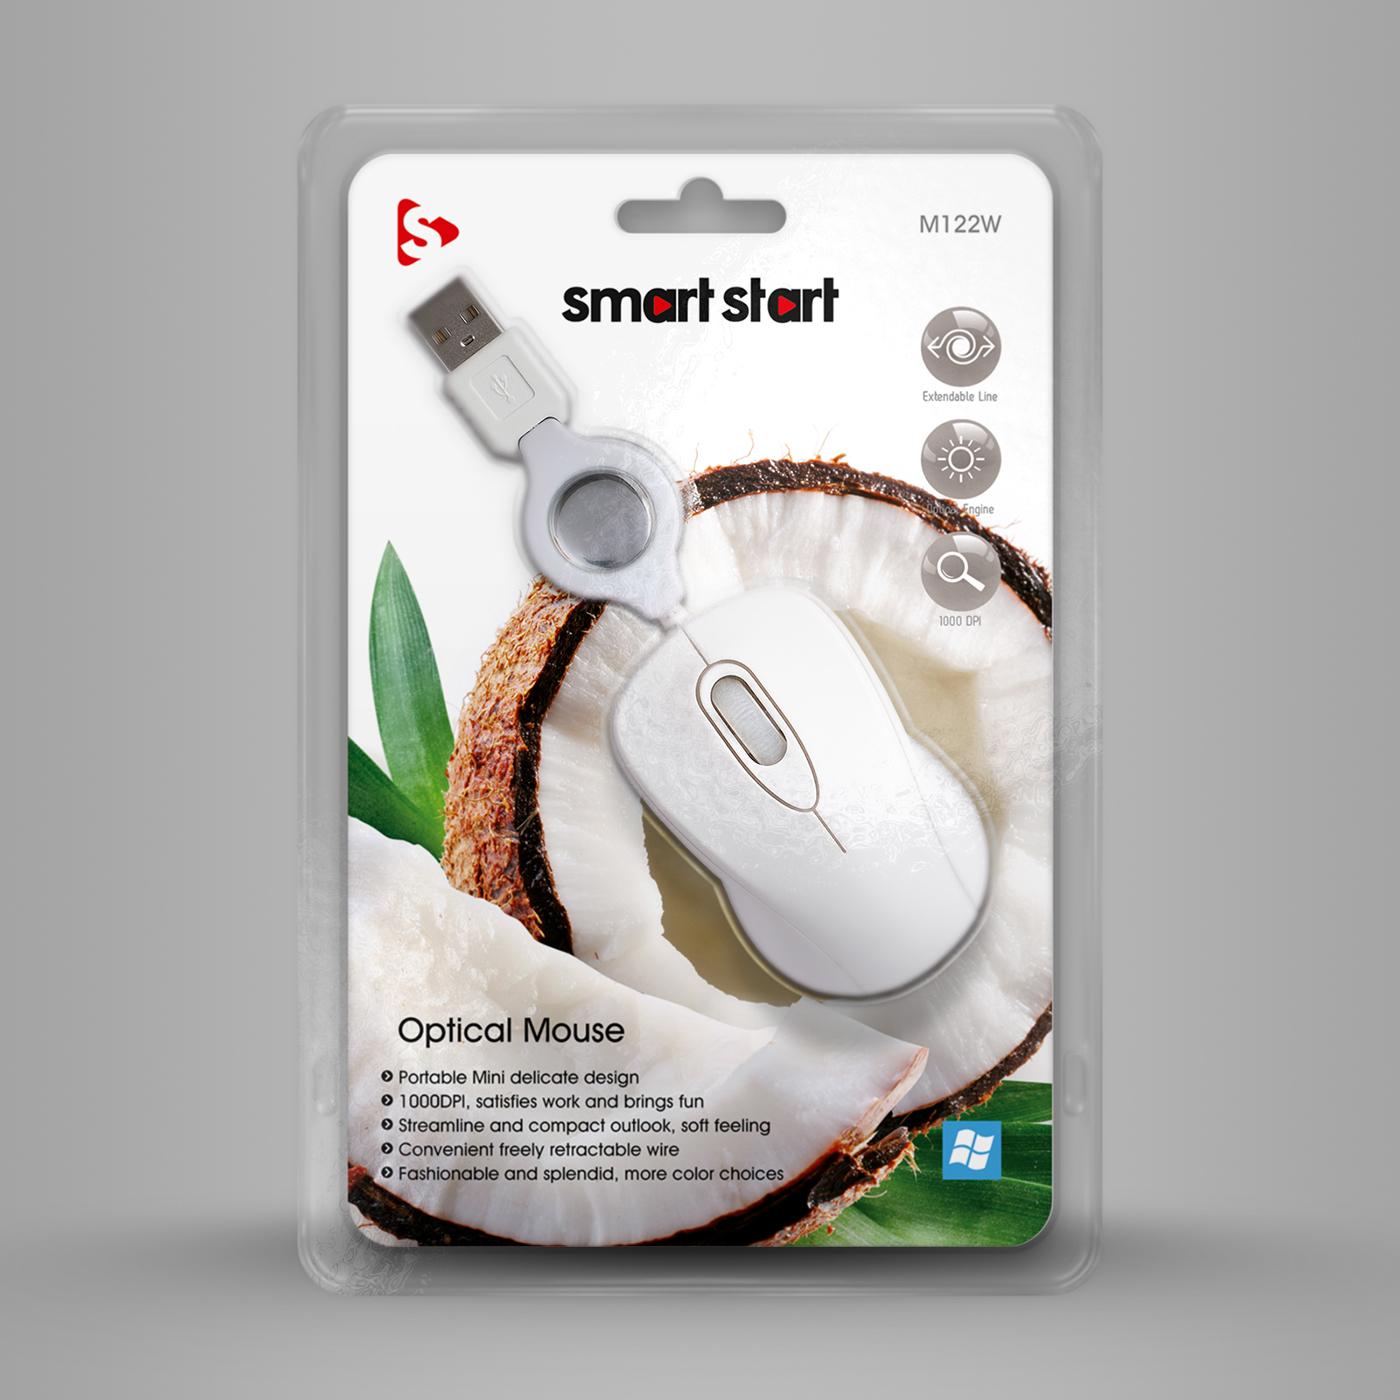 Smart Start mouse green LILA grün rosa pink Weiss Obst schwarz